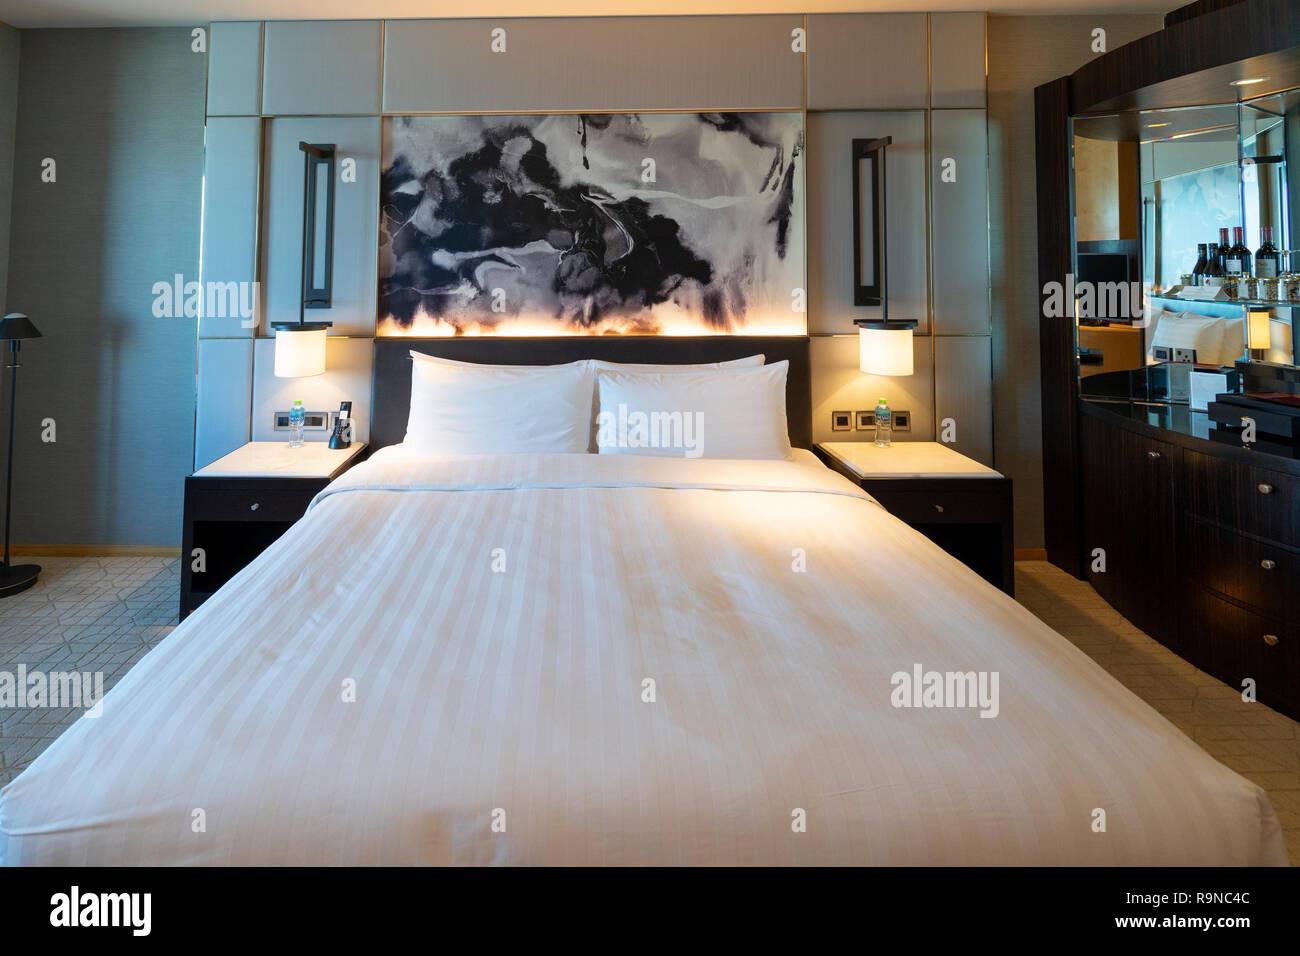 Camera da letto interno di Shangri La Hotel in Dubai Emirati Arabi Uniti Immagini Stock